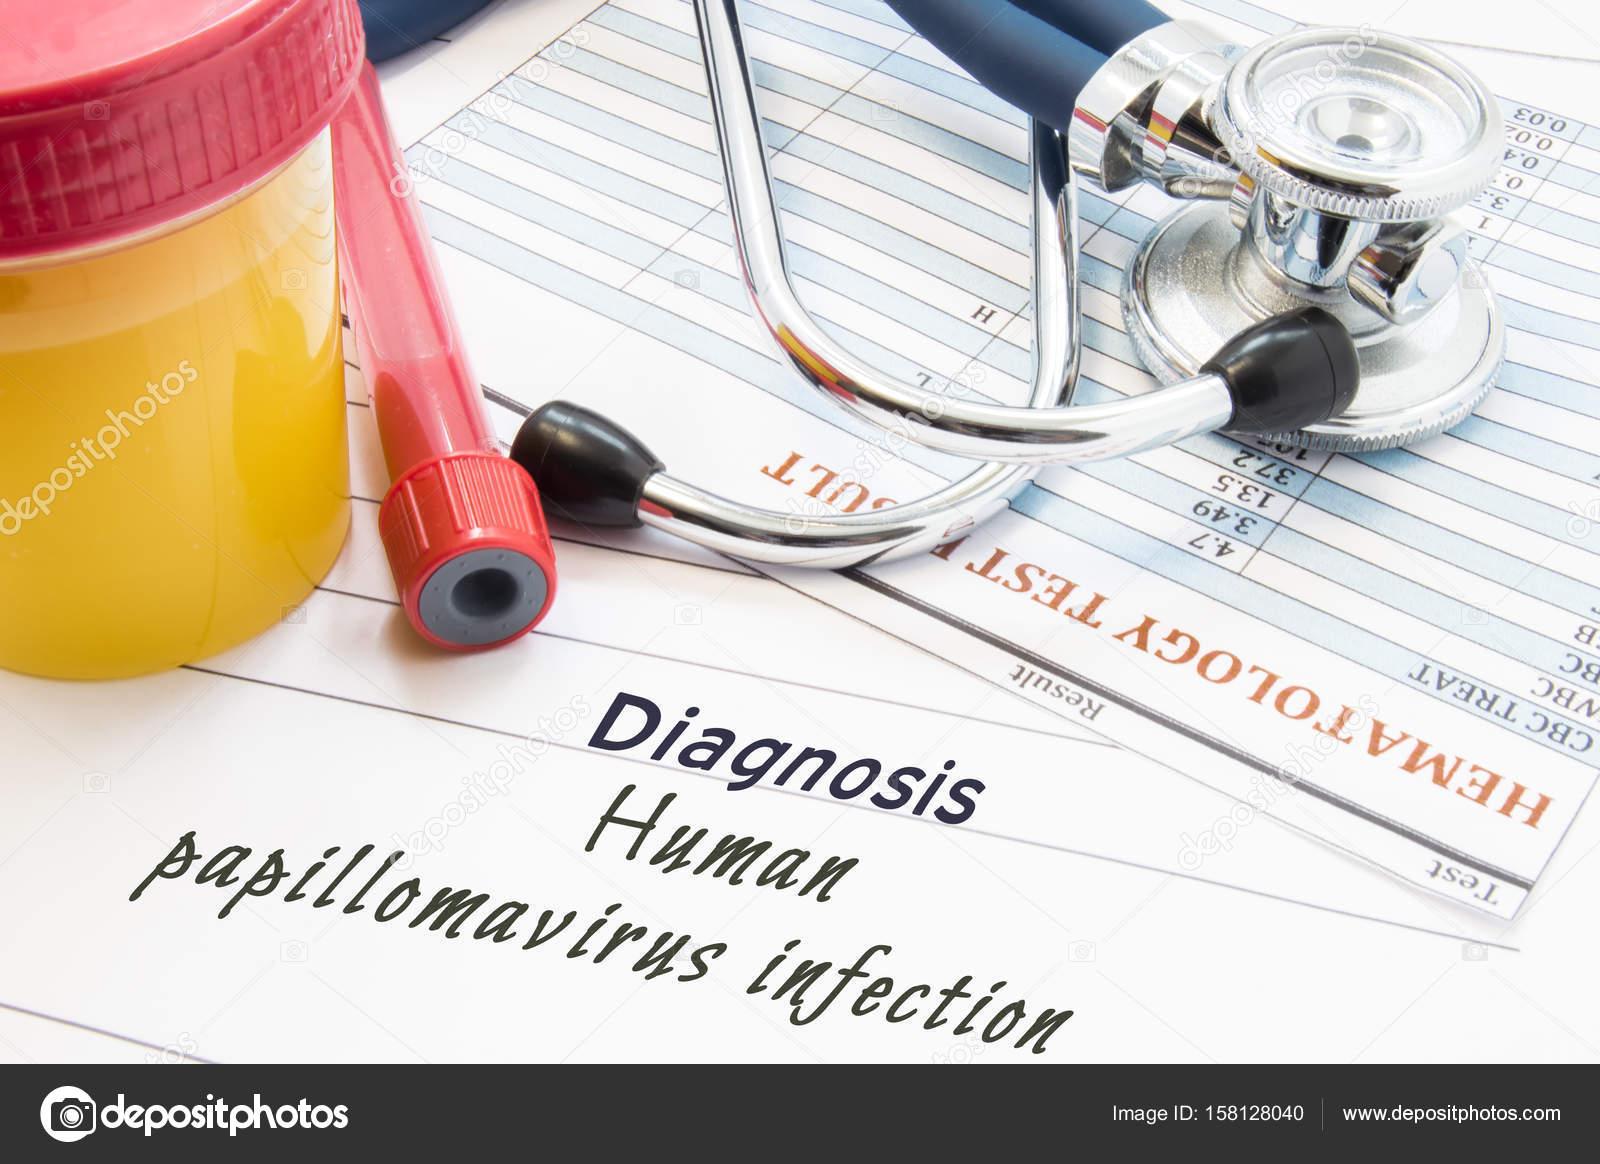 human papillomavirus (hpv) blood test ovarian cancer under 50